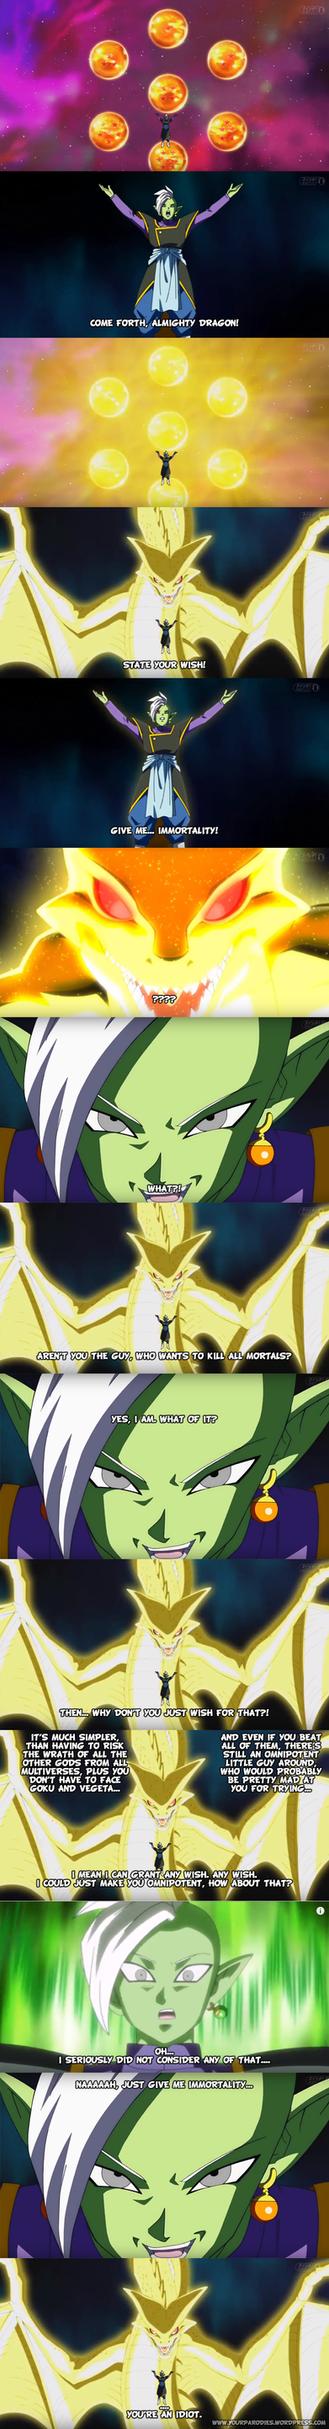 DragonBall Super - Zamasu's wish by yourparodies